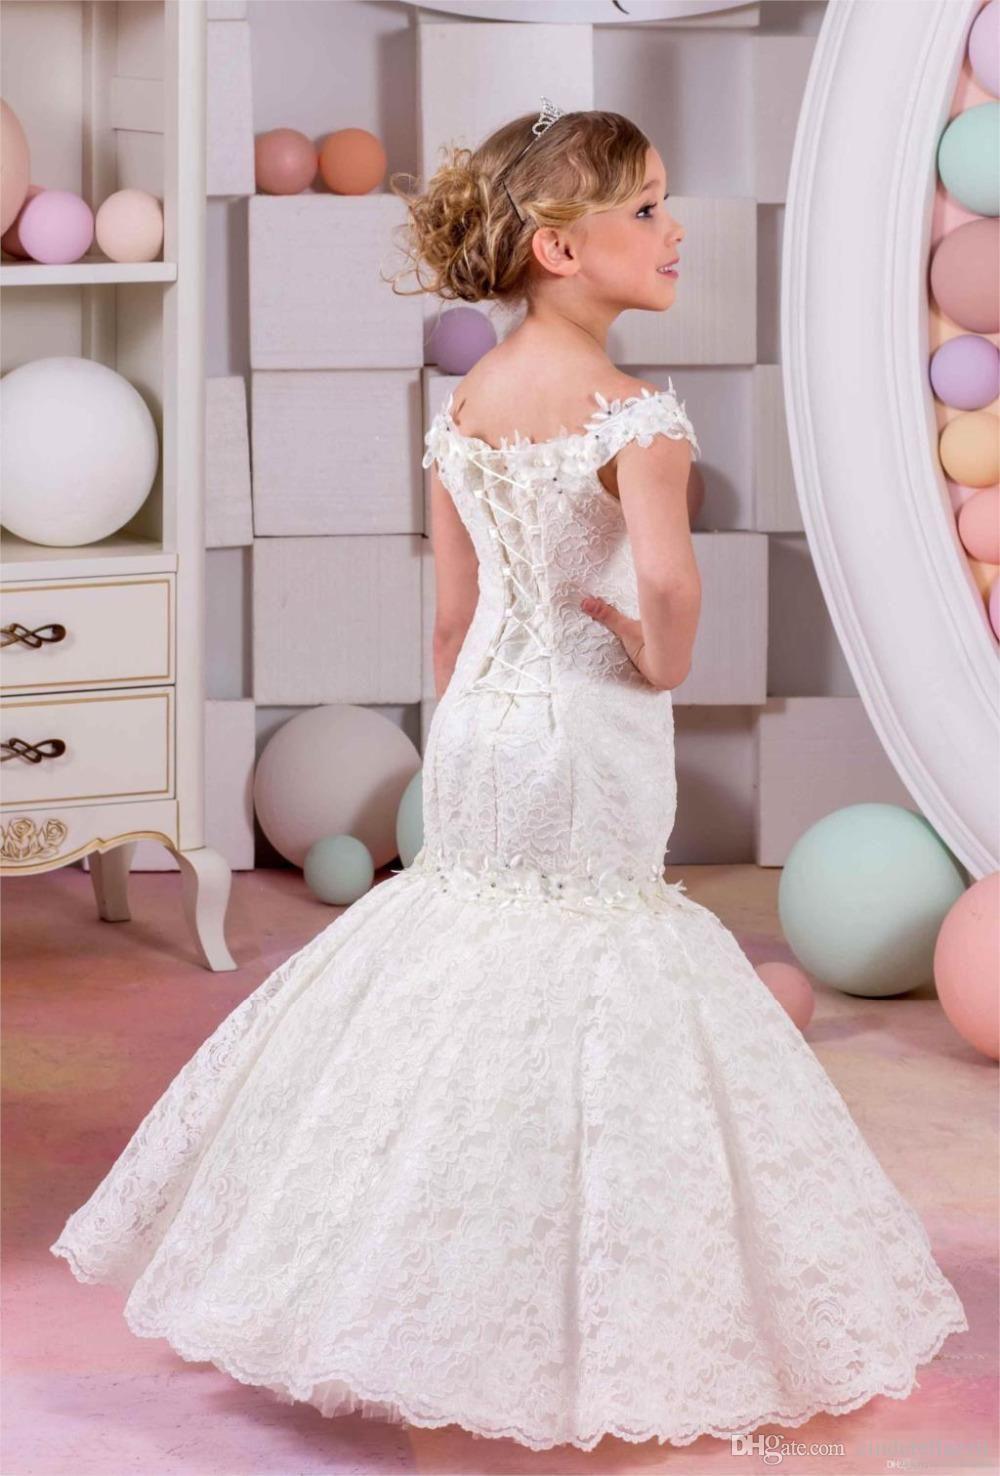 Vestido para boda nina